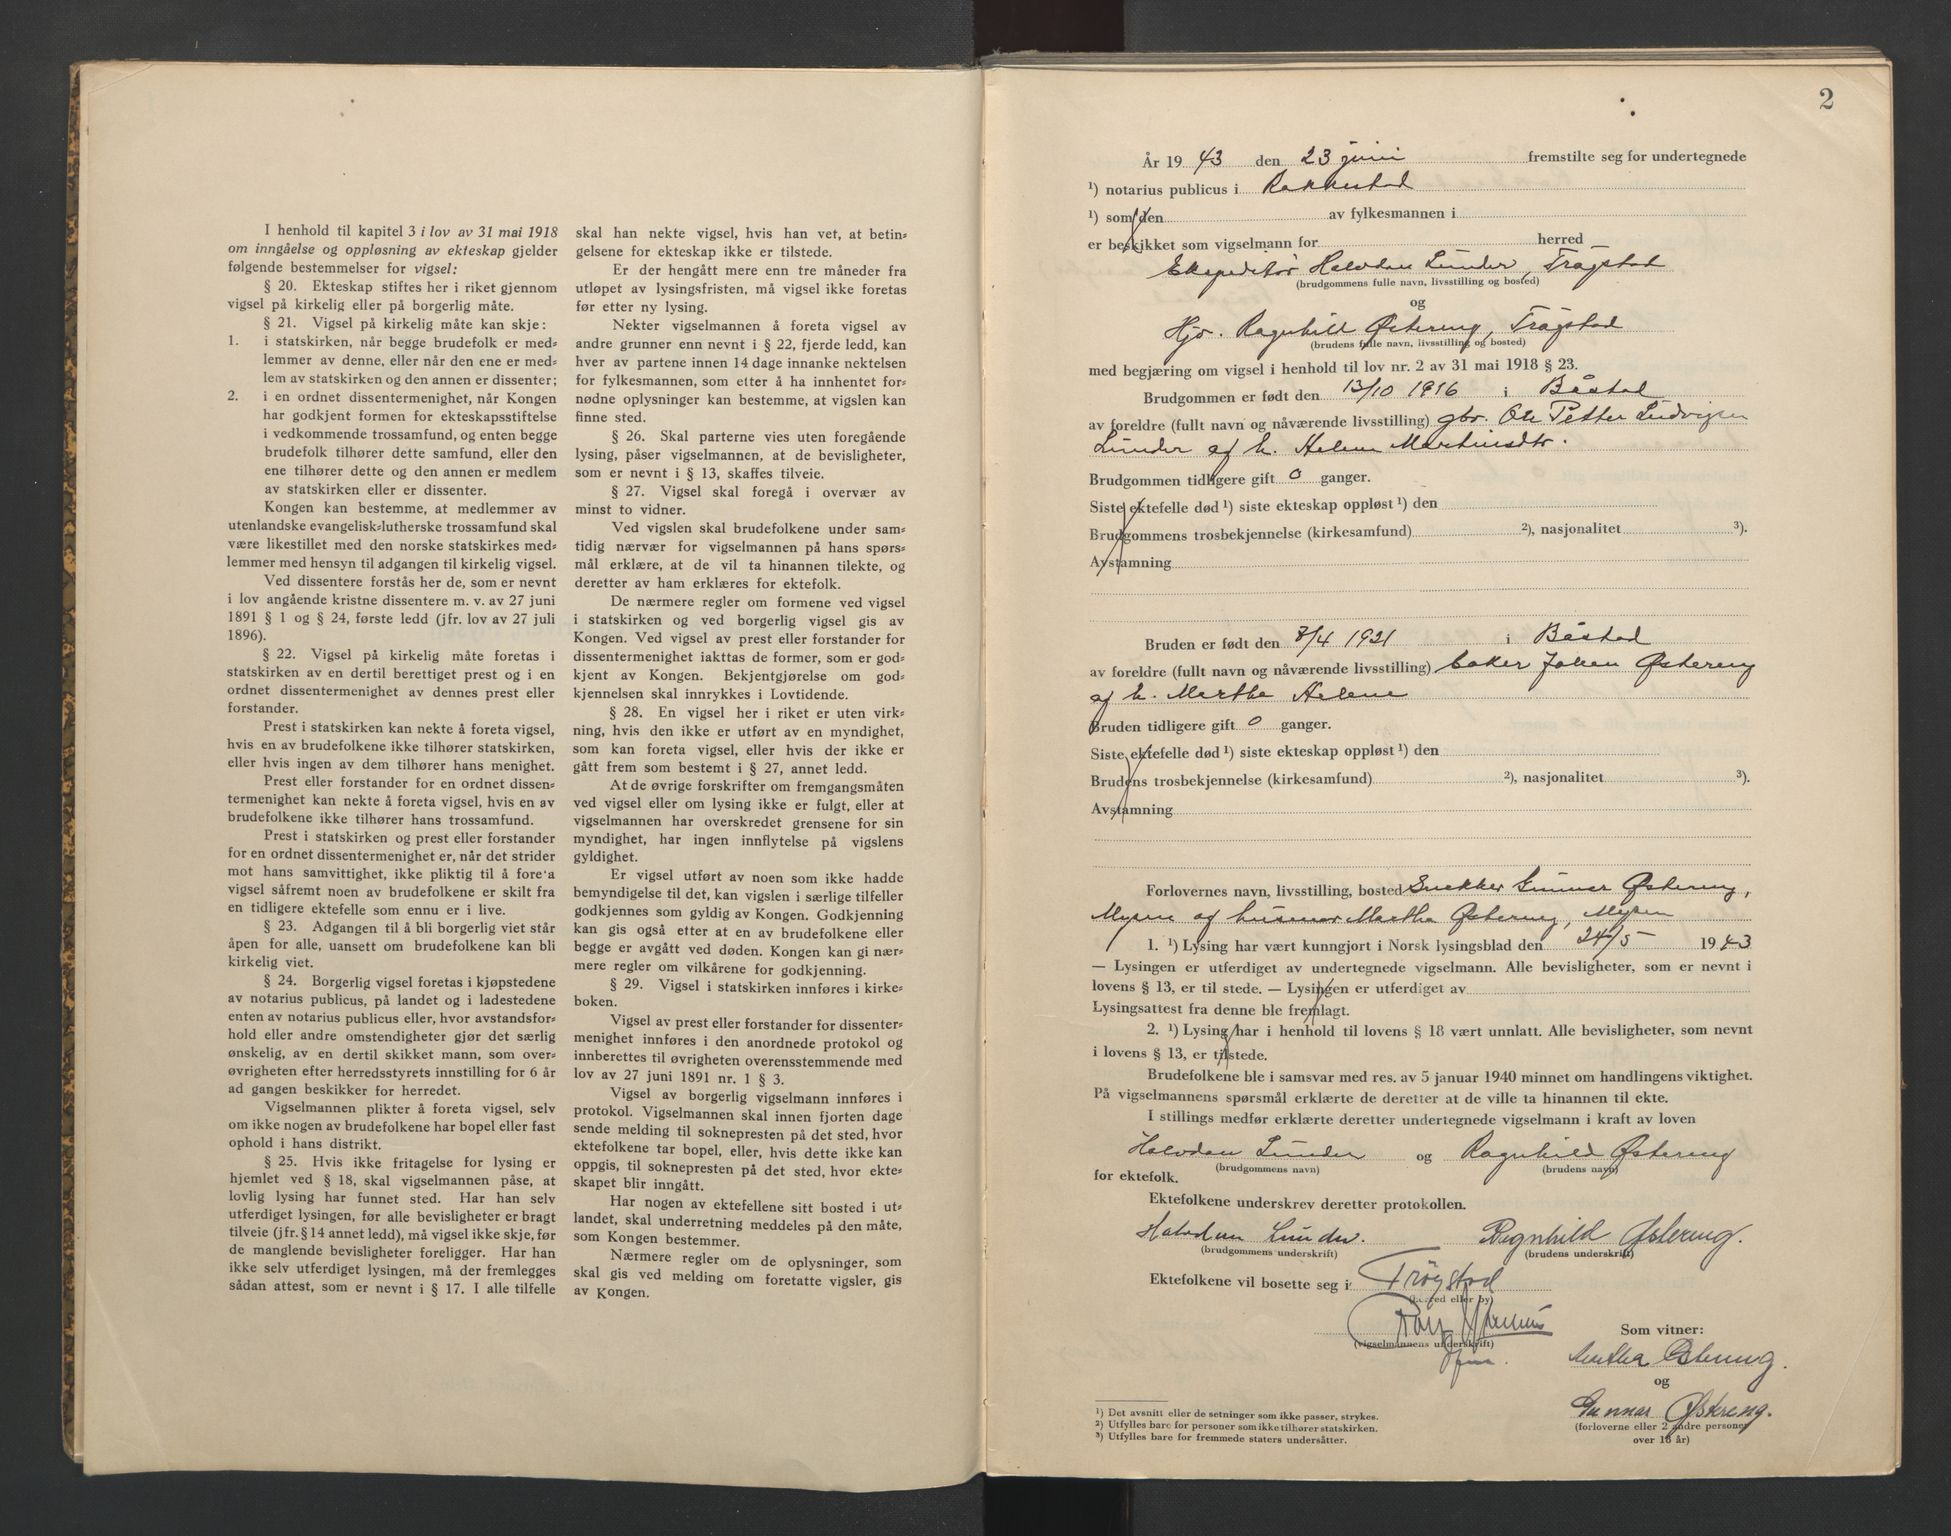 SAO, Rakkestad sorenskriveri, L/Lc/Lca/L0003: Vigselbøker, 1943-1944, s. 2